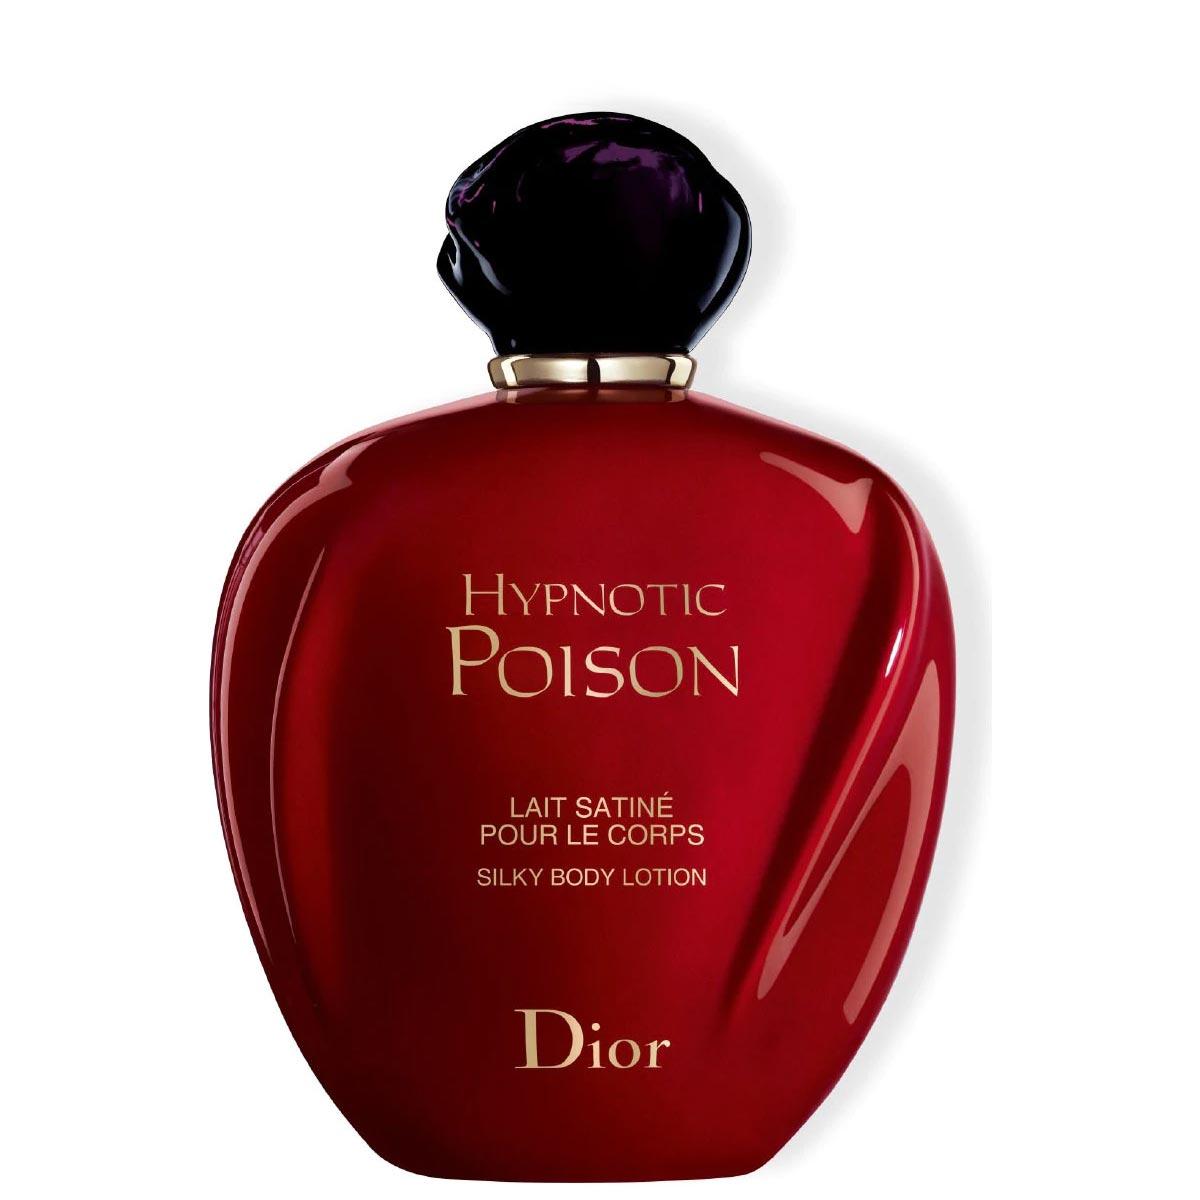 Dior - Hypnotic Poison - Lait Satiné pour le corps - 200 ml